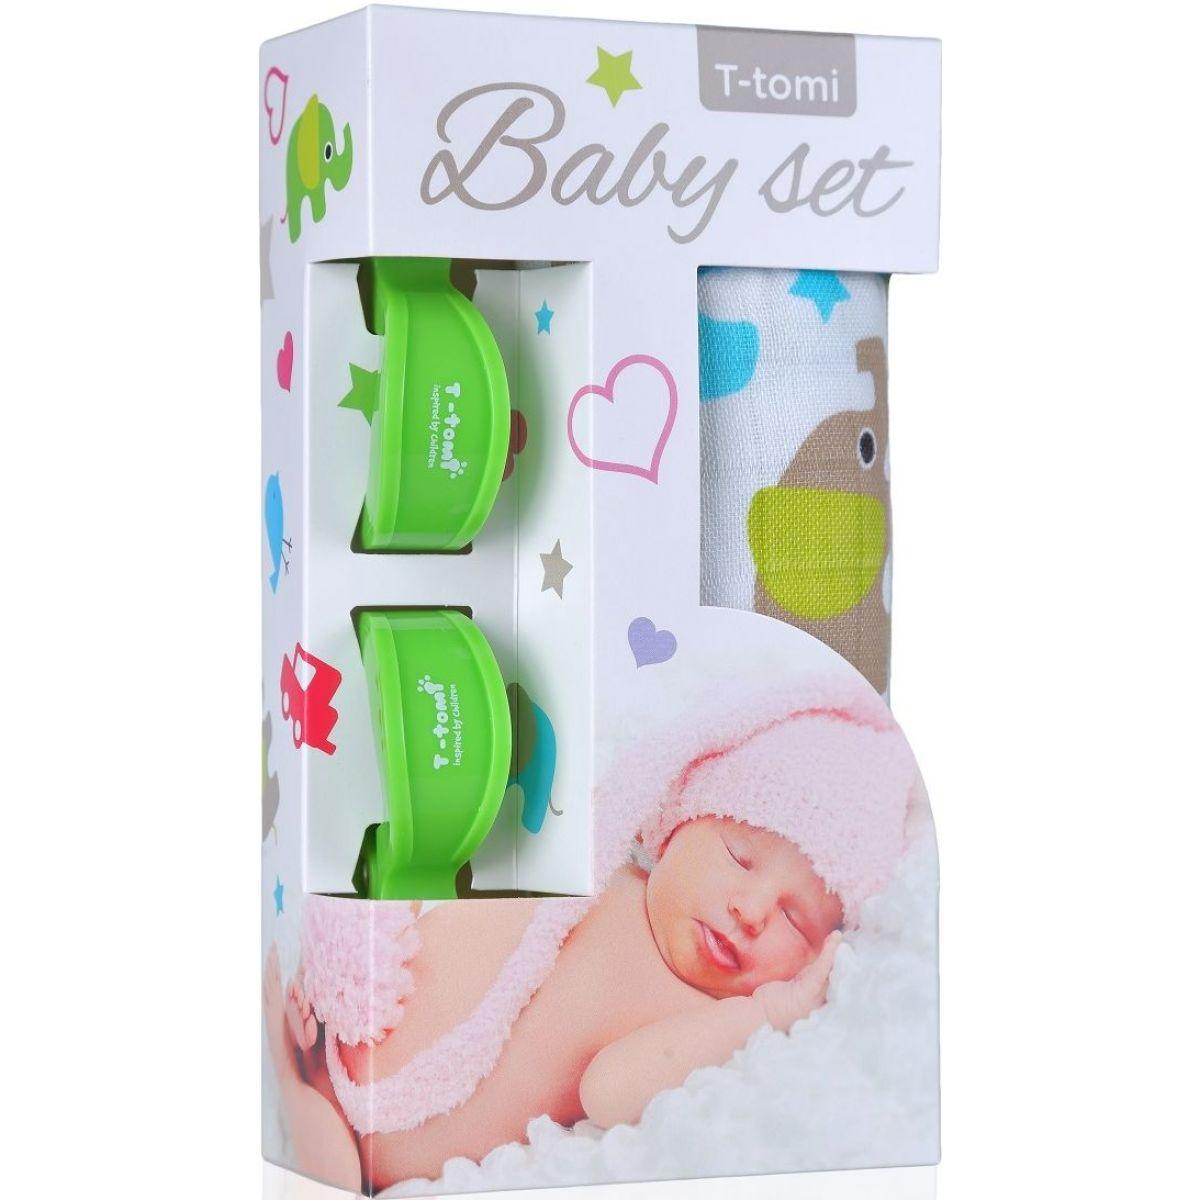 T-tomi Baby set Bambusová BIO osuška zelení sloni a kočárkový kolíček zelený